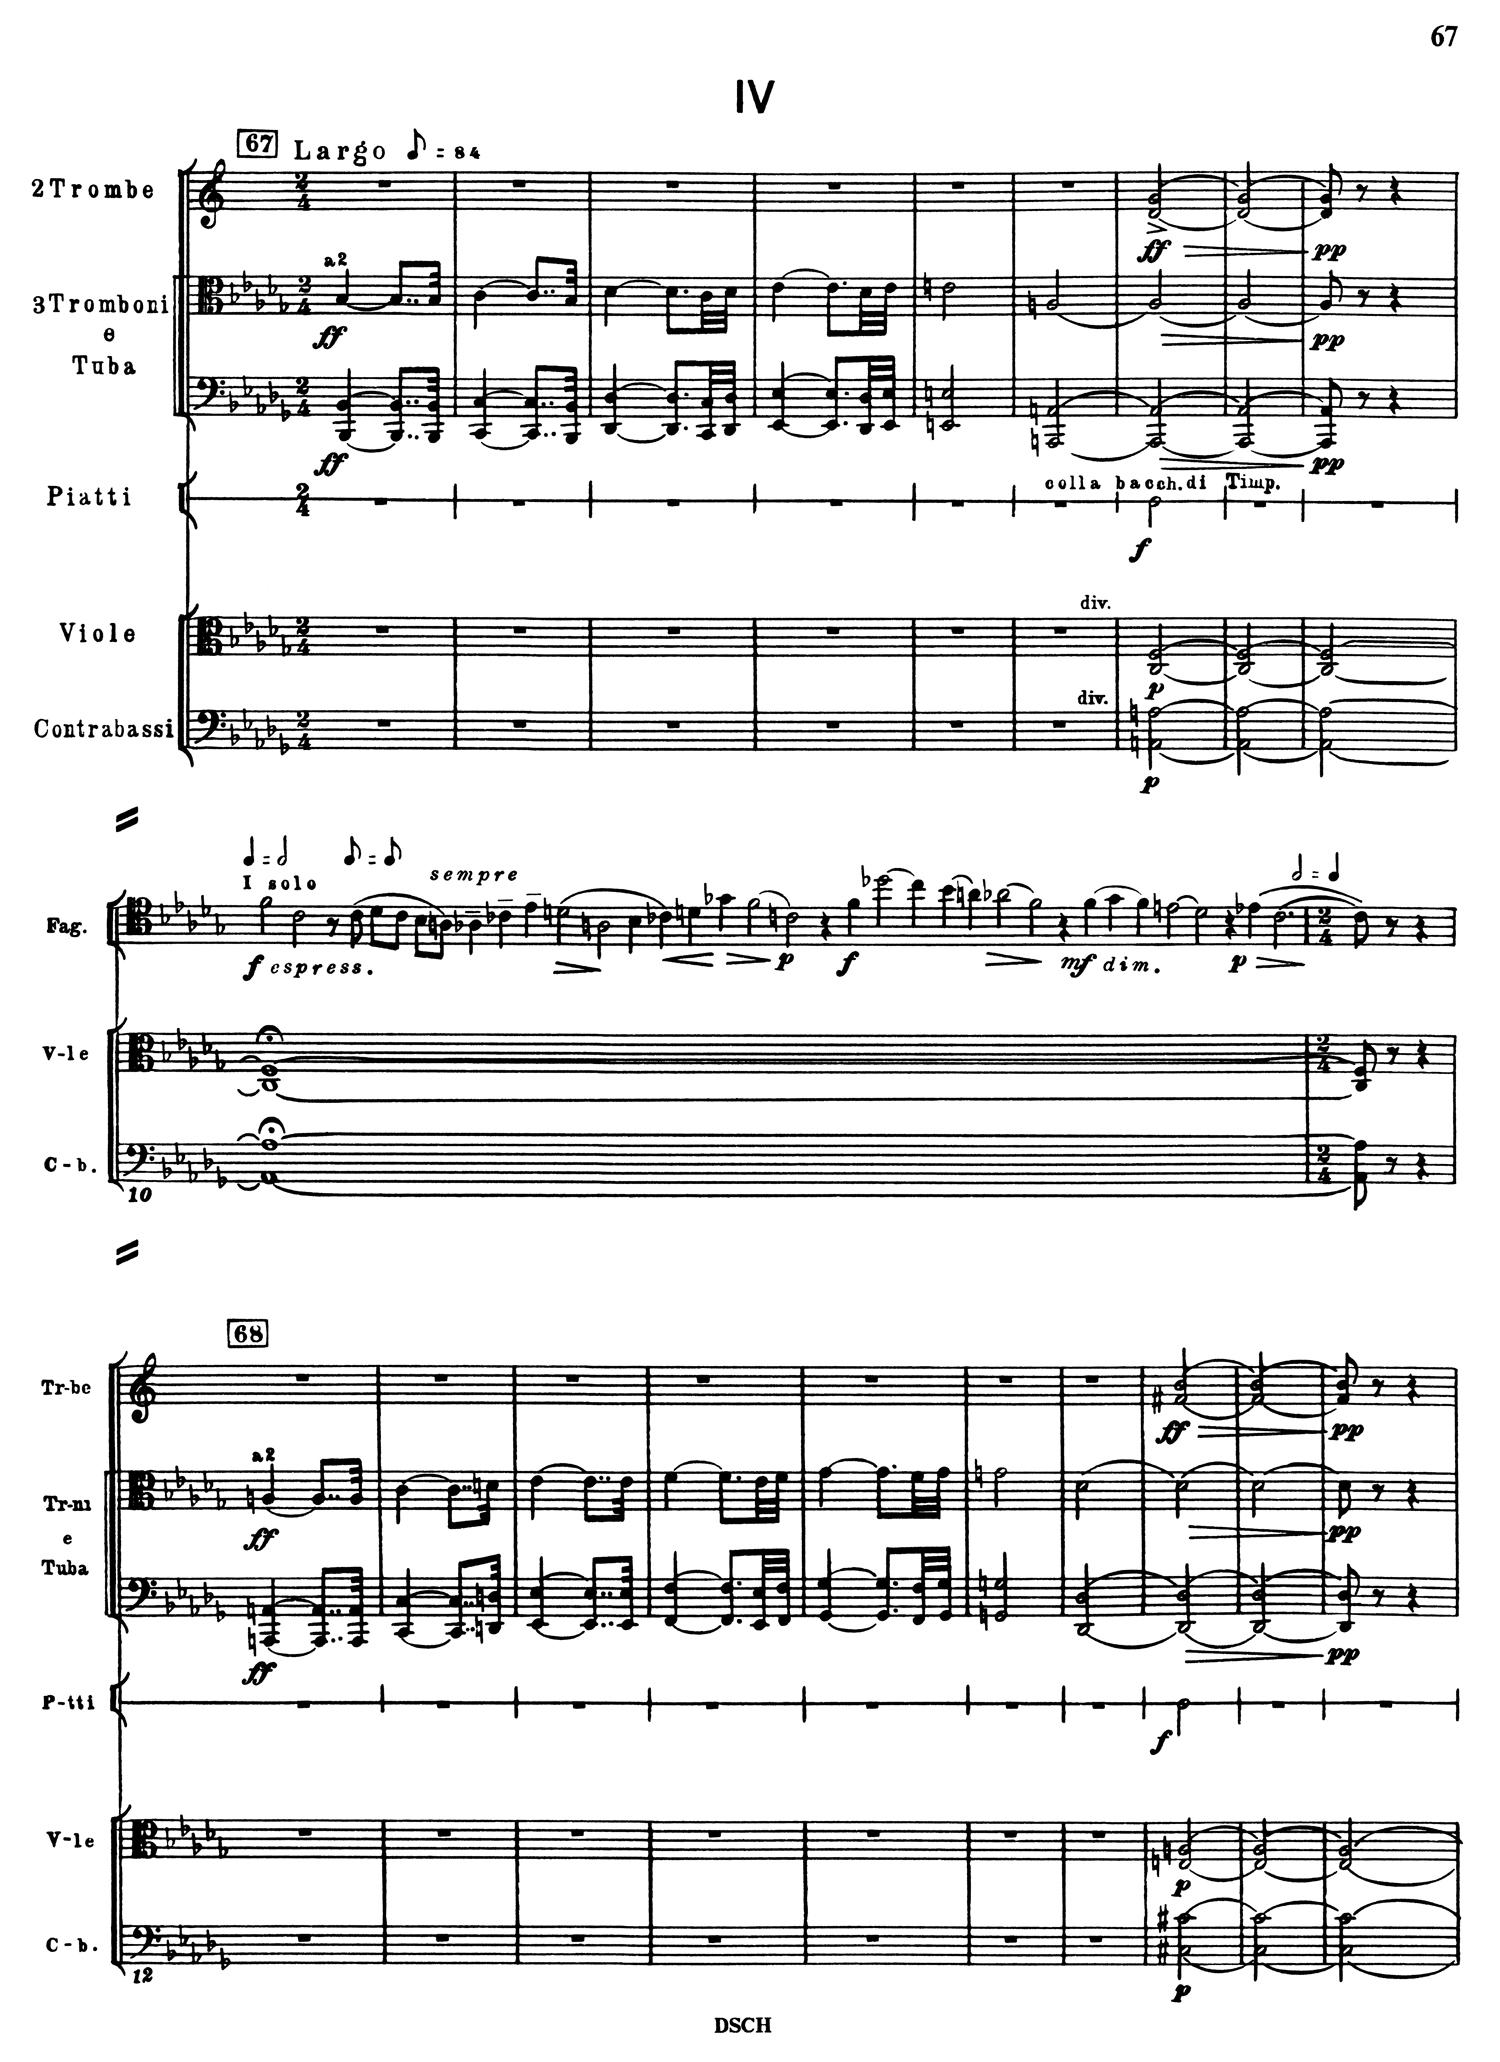 Shostakovich 9 Score 1.jpg